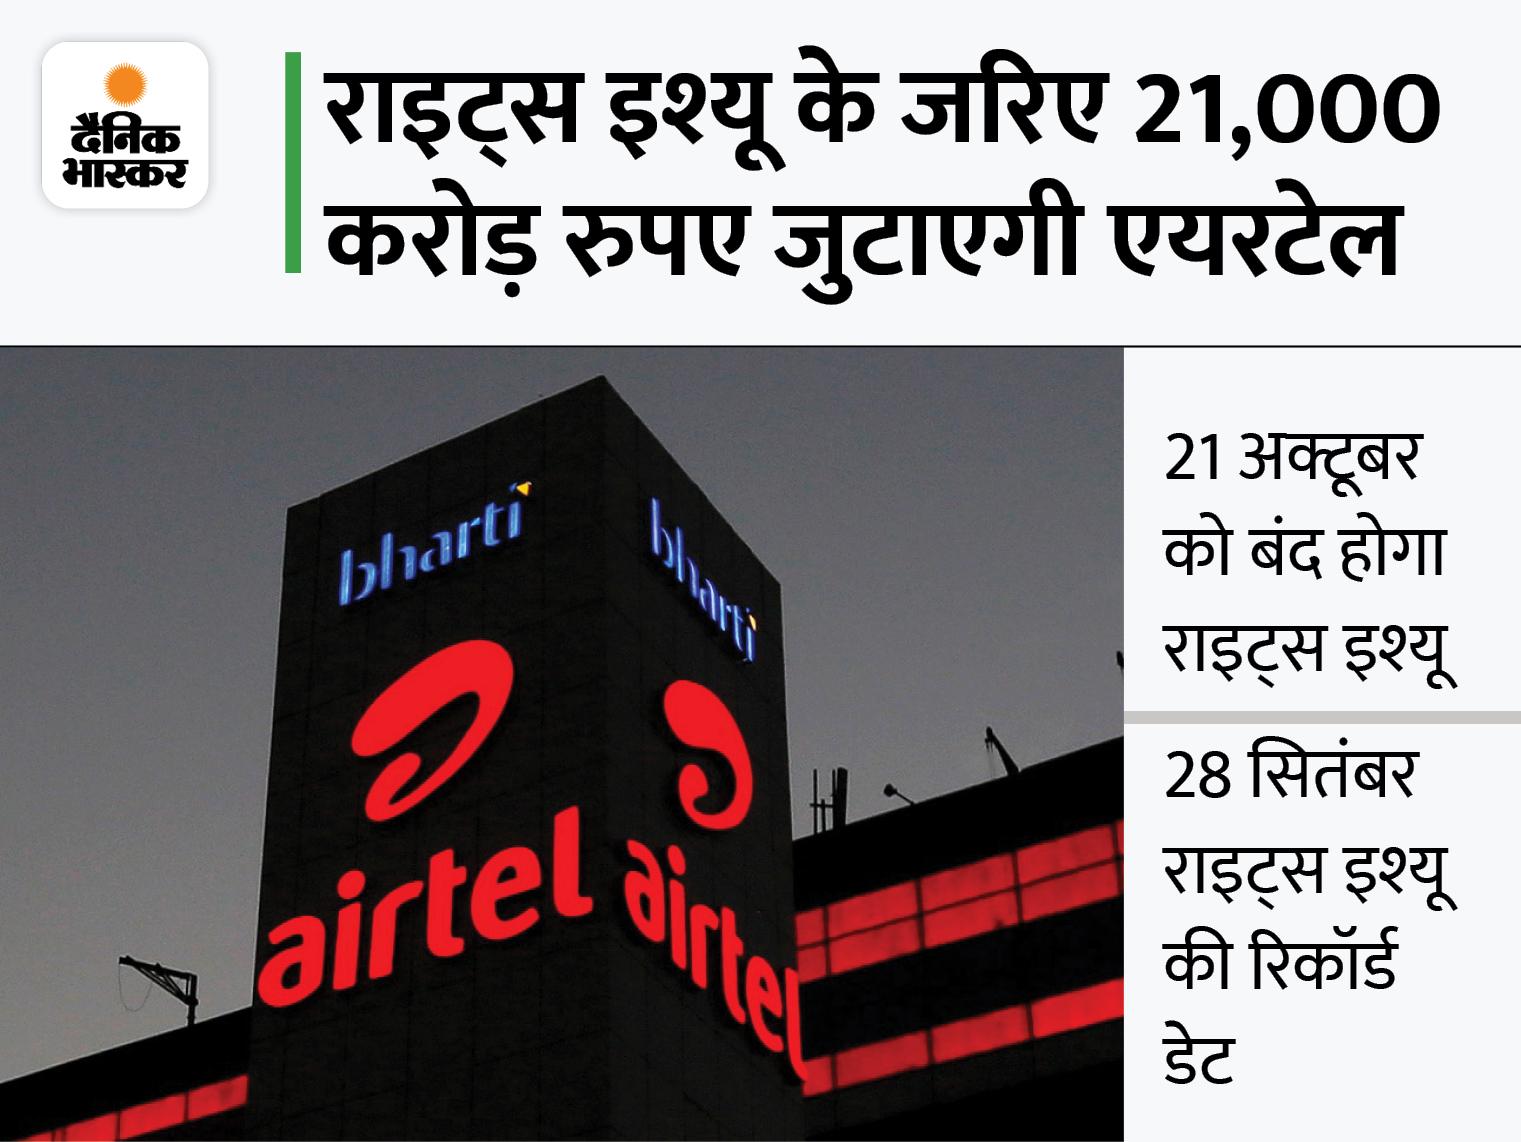 5 अक्टूबर को खुलेगा राइट्स इश्यू, कंपनी के शेयर होल्डर को 535 रुपए में मिलेगा शेयर|बिजनेस,Business - Dainik Bhaskar